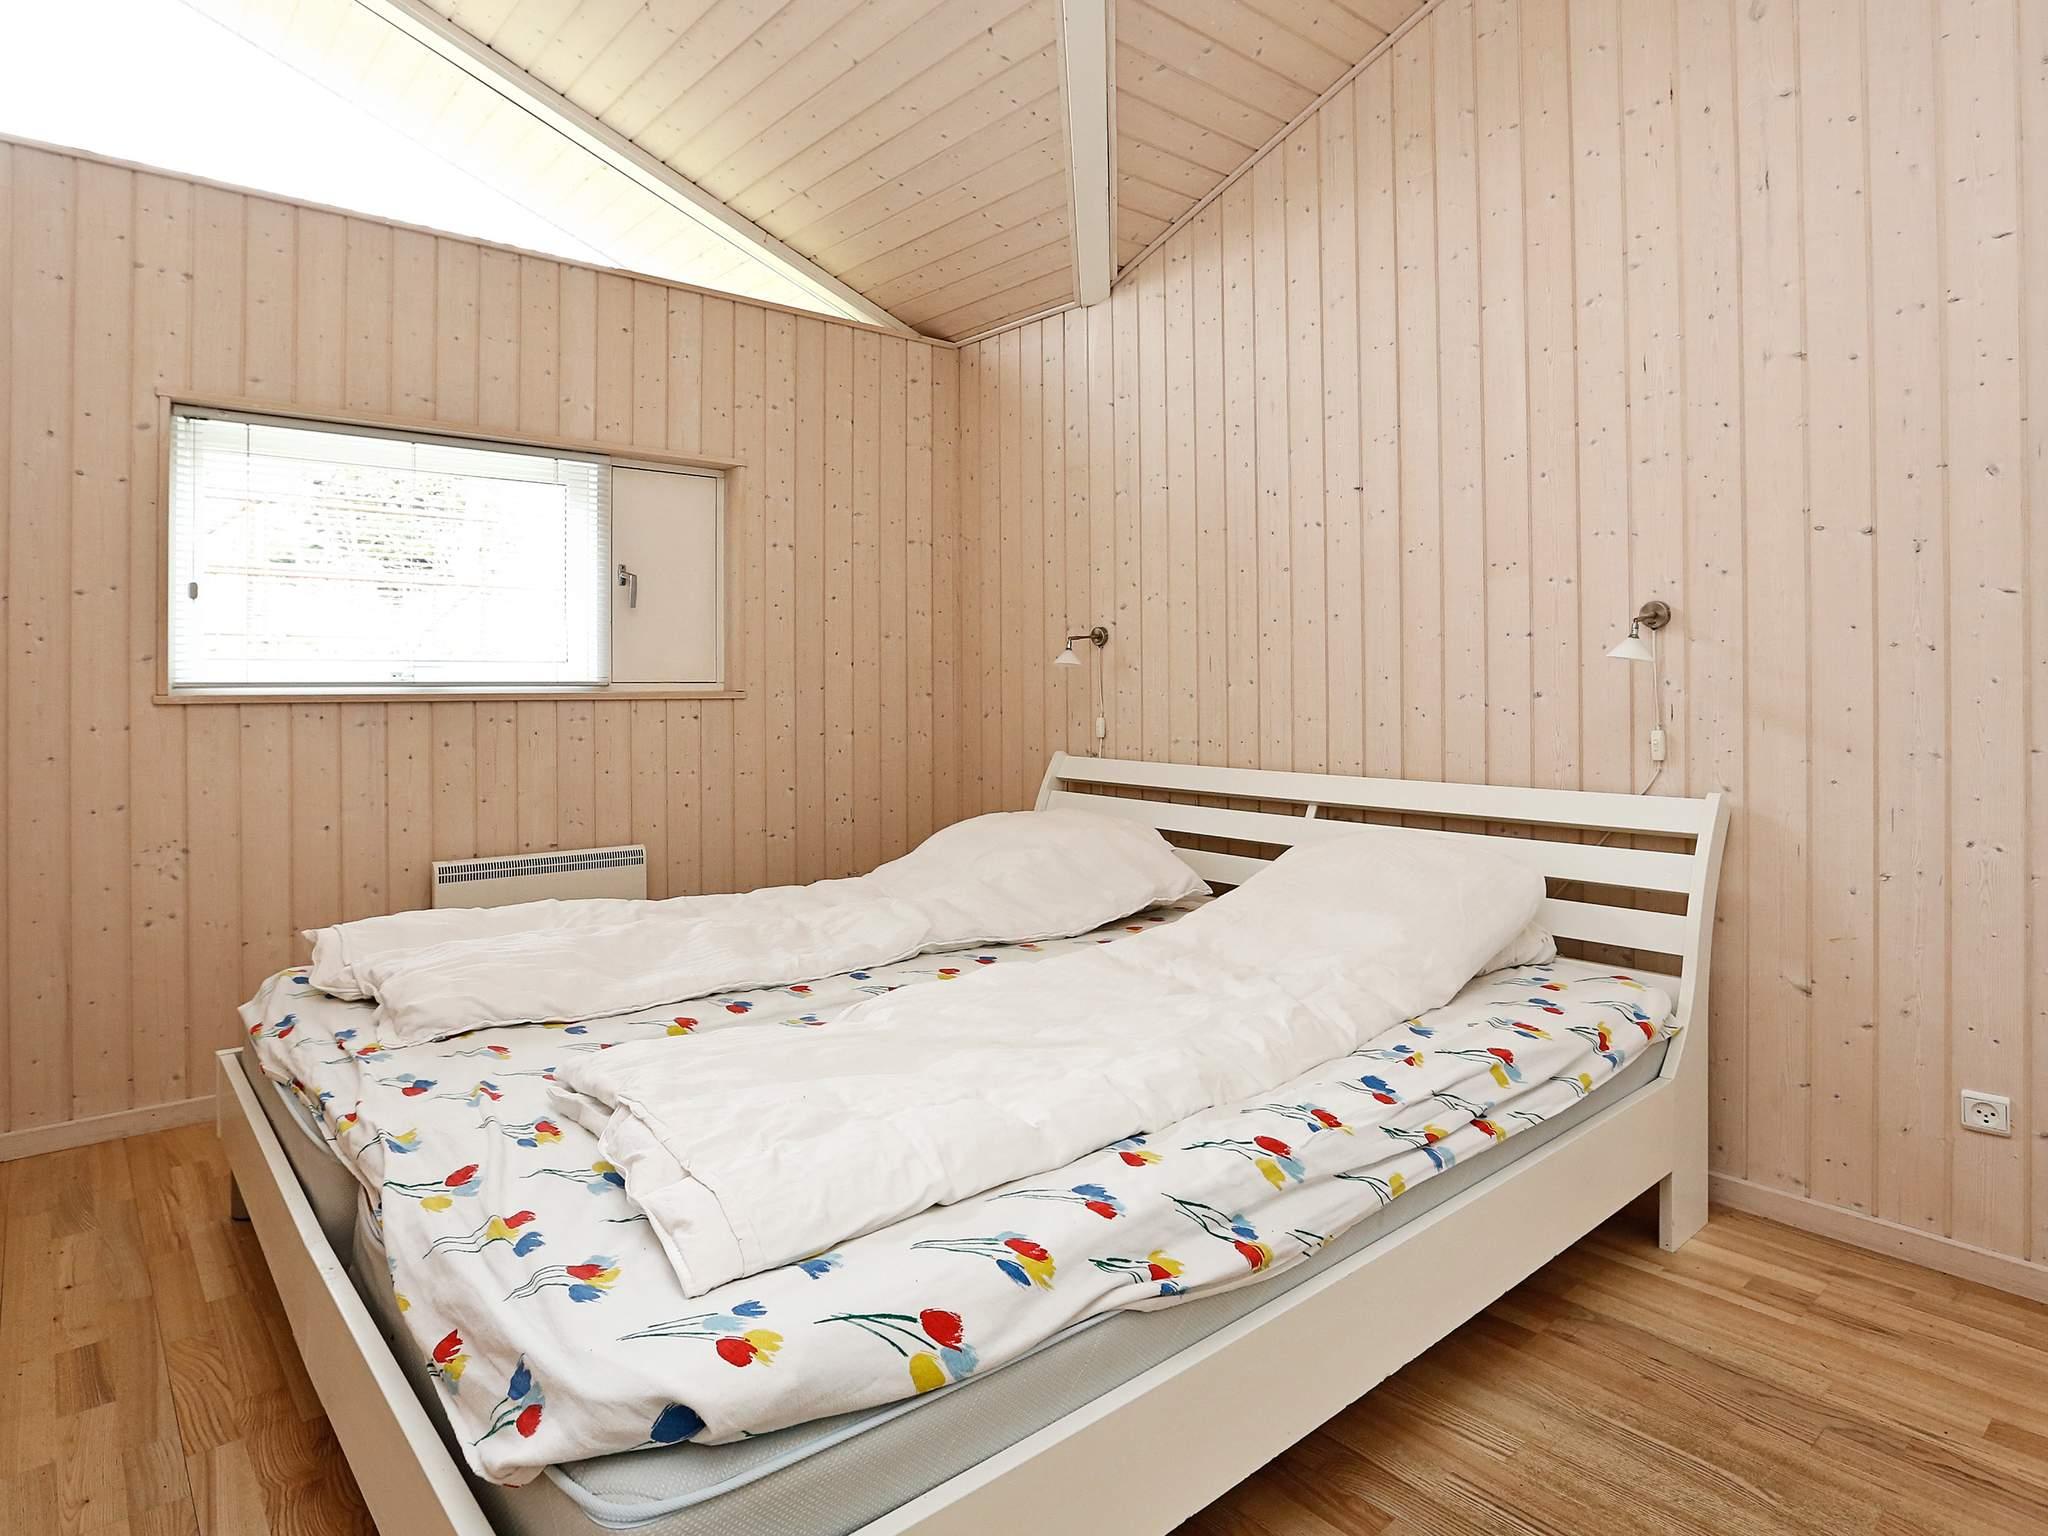 Ferienhaus Skibby (124927), Kirke Hyllinge, , Nordseeland, Dänemark, Bild 10